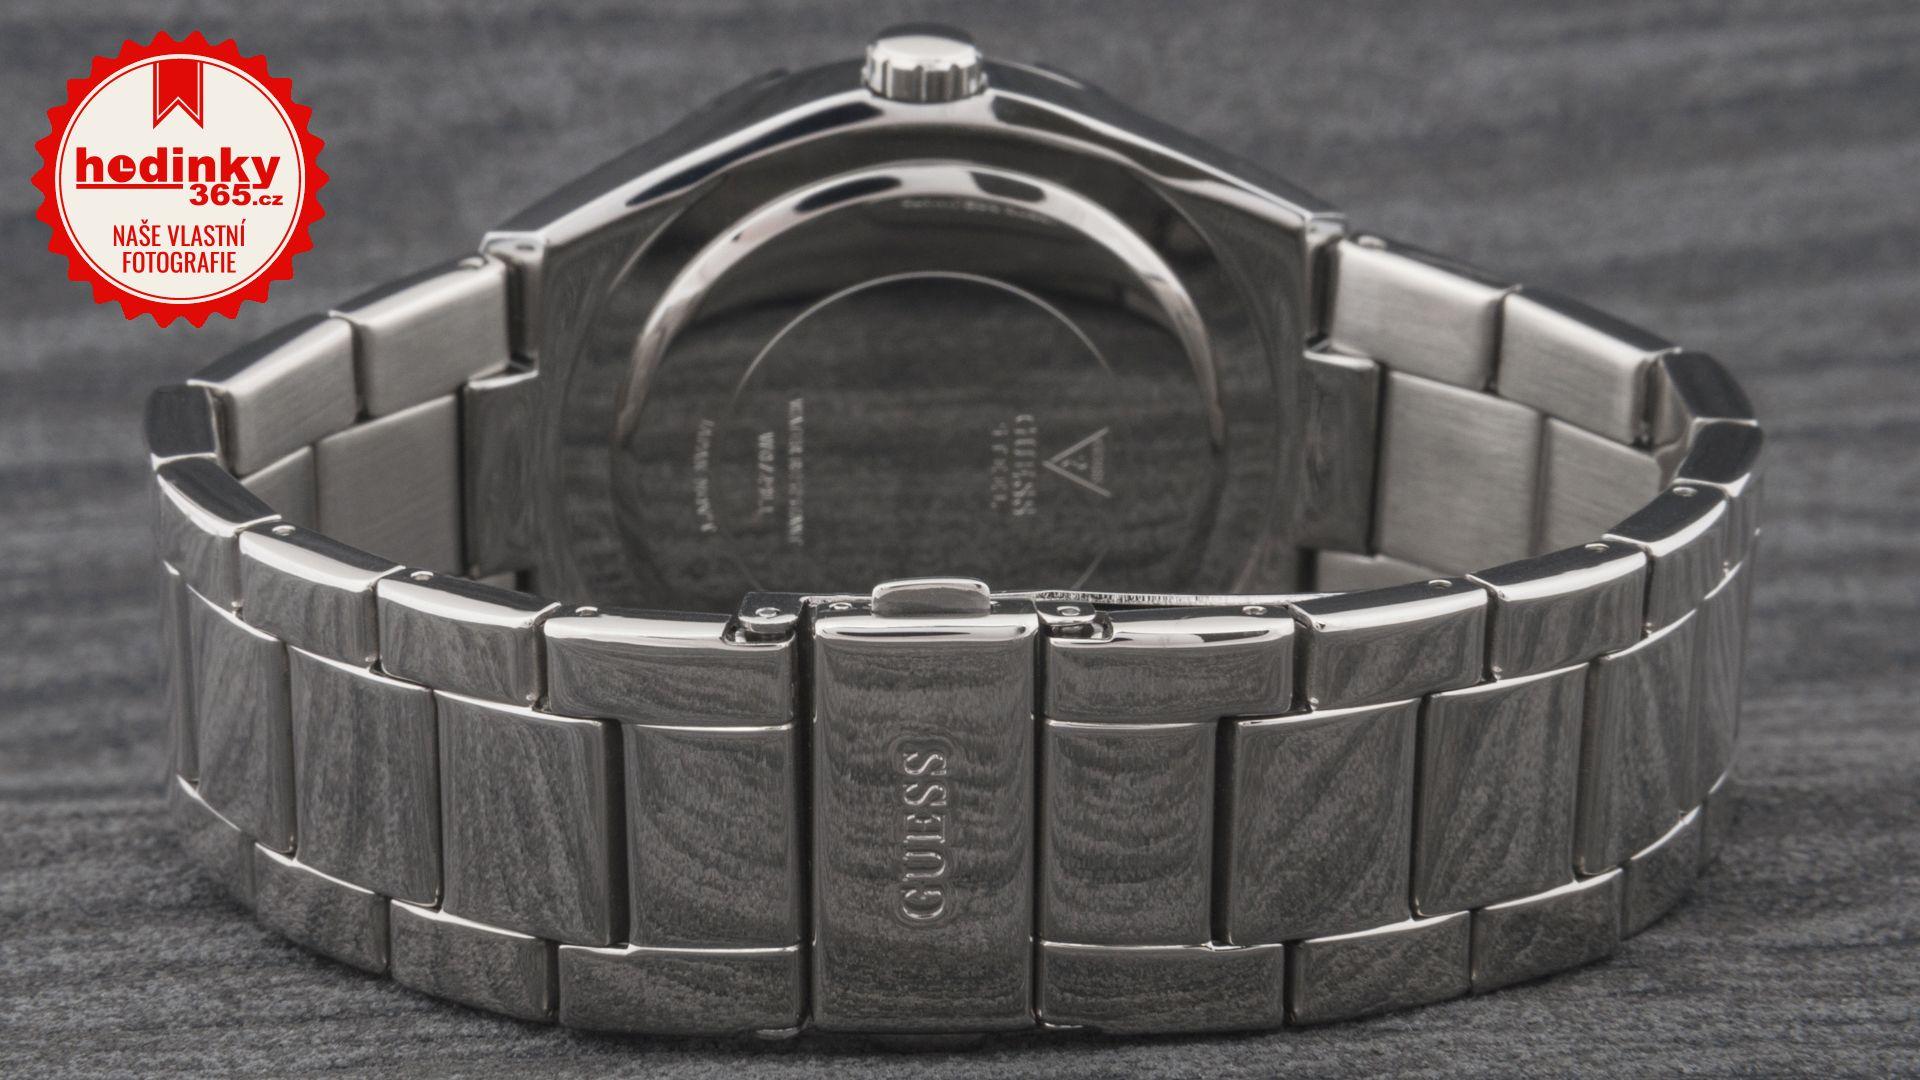 0d5825331 Dámské hodinky - ocelový řemínek, ocel pouzdro, minerální sklíčko. Veškeré  technické parametry naleznete níže